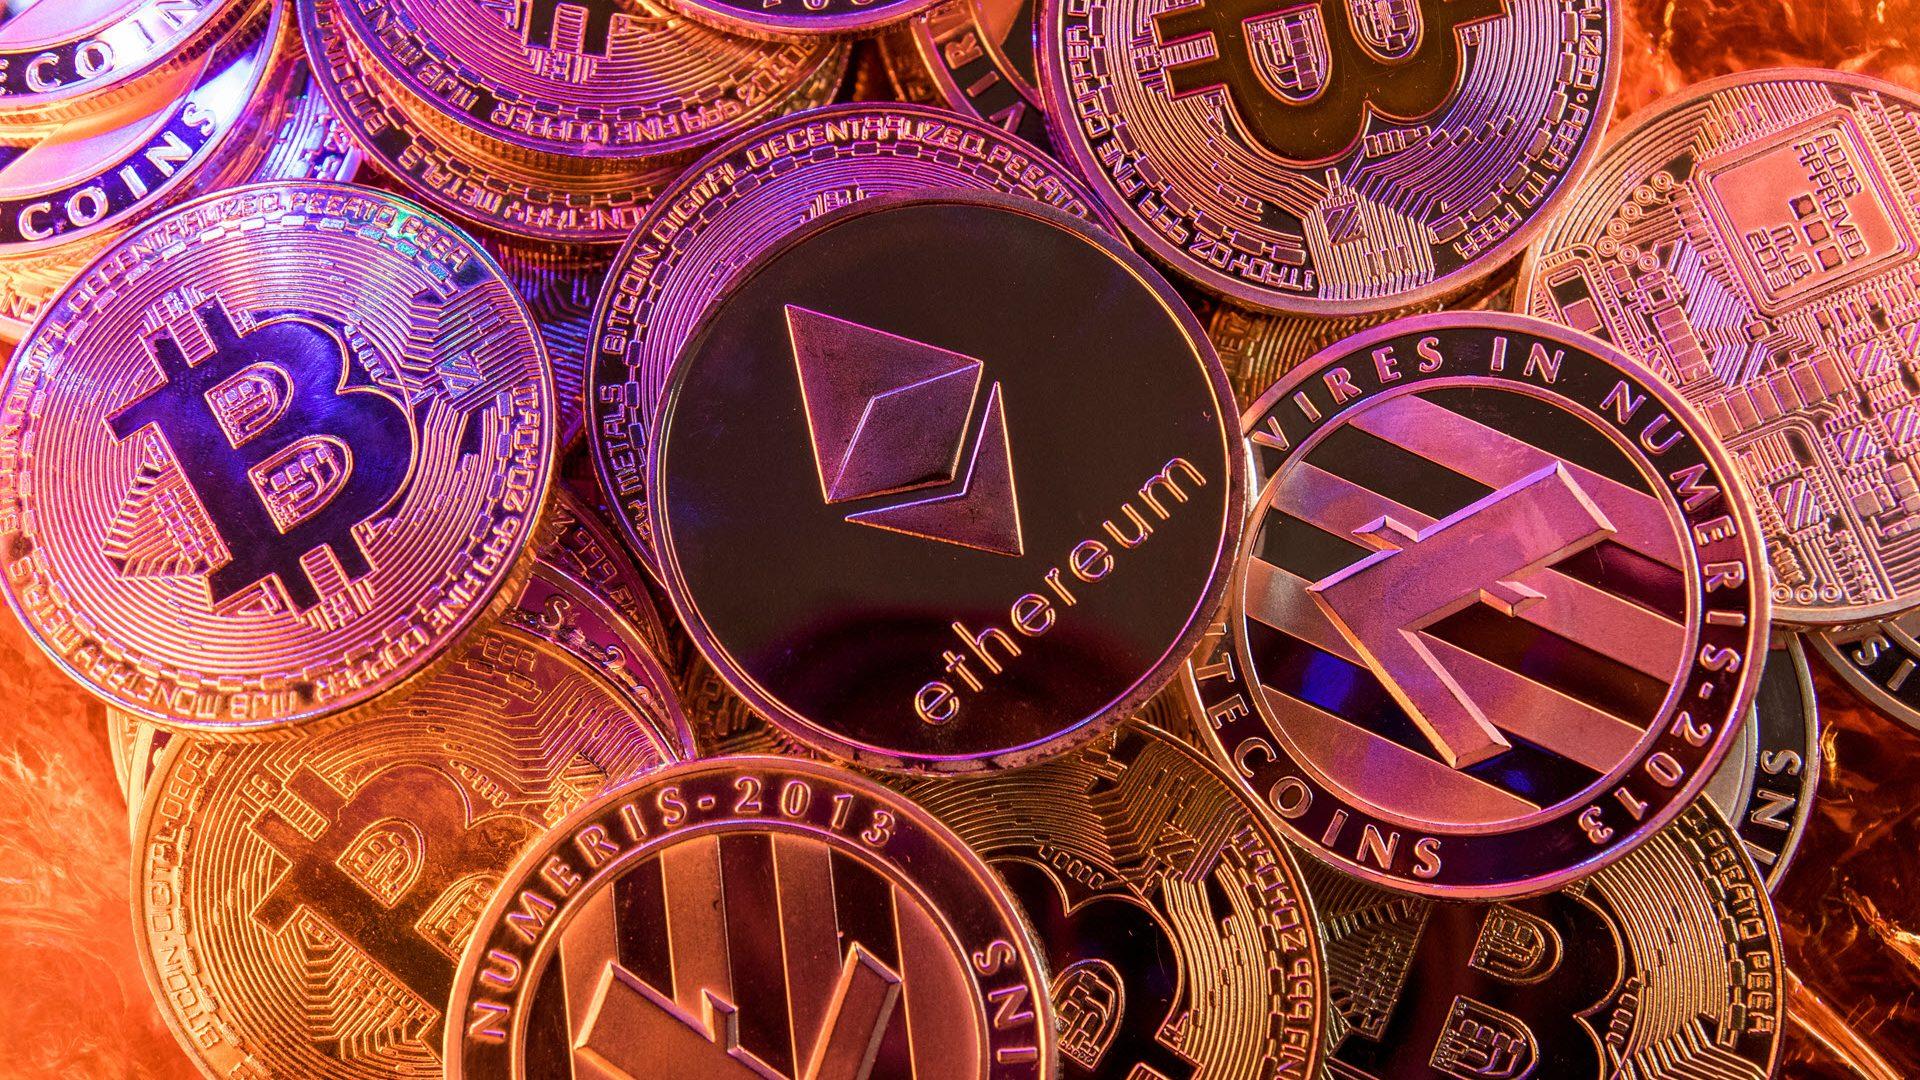 Криптовалюты являются валютой будущего? Курс криптовалют сегодня